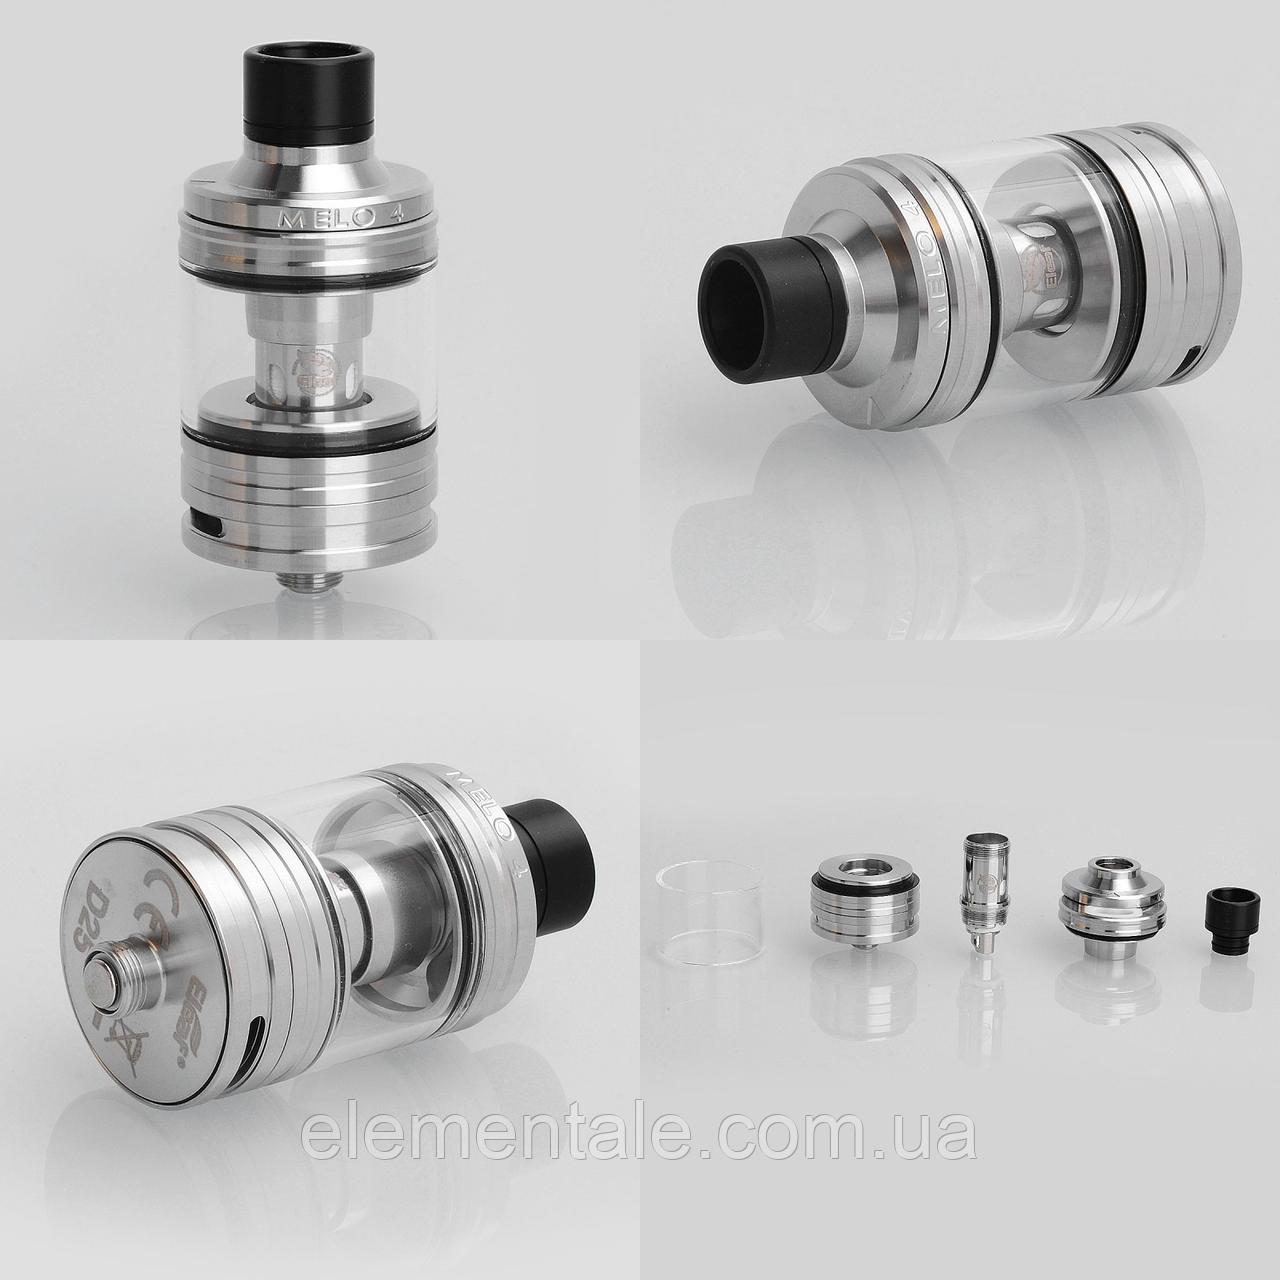 Атомайзер Eleaf Melo 4 D25 4.5ml/2ml 25 мм Silver